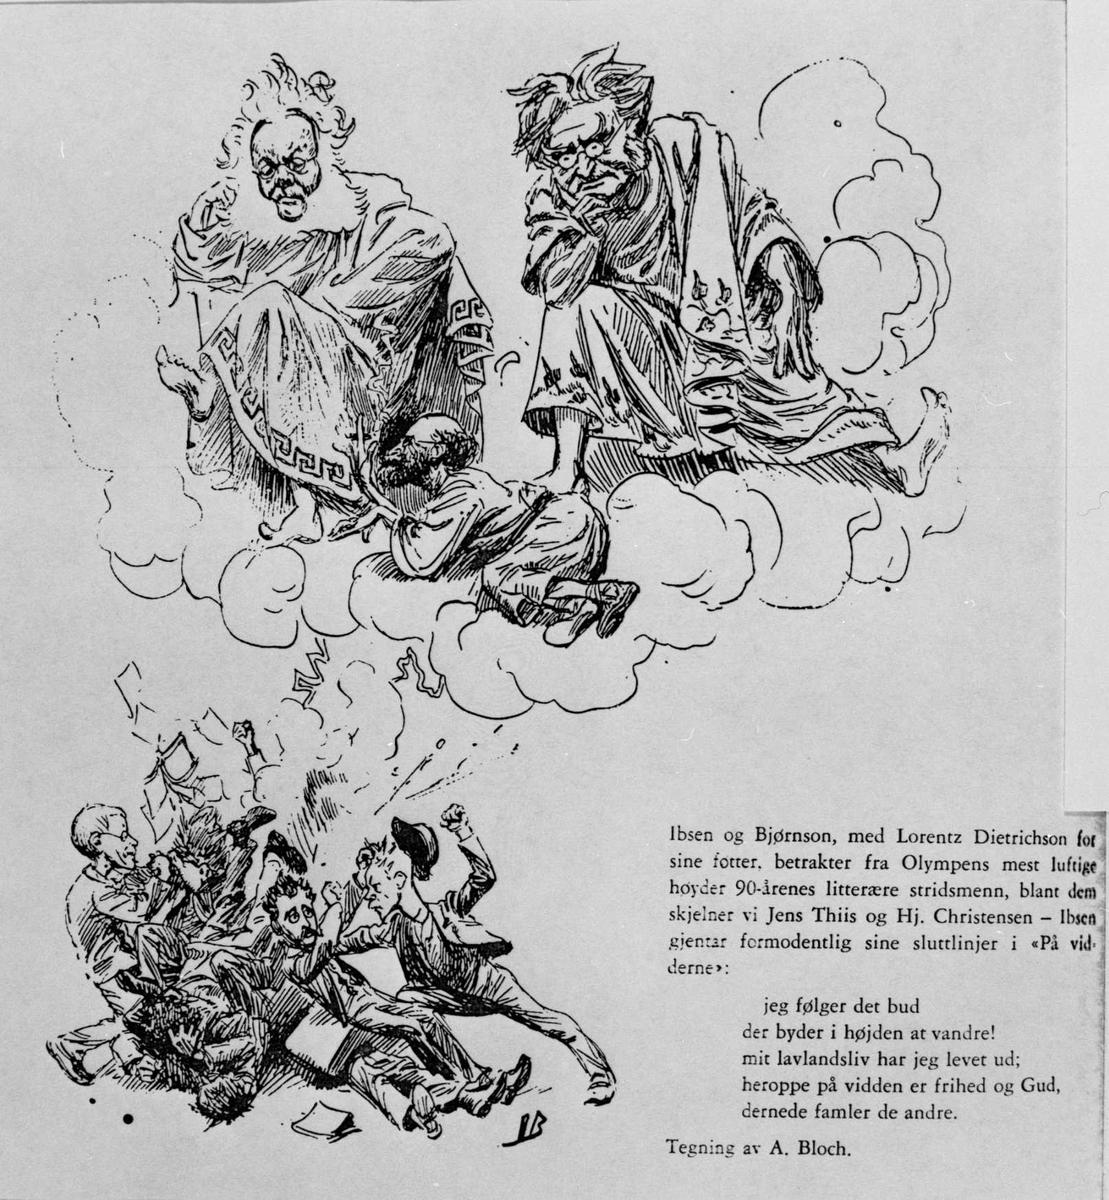 Karikatur, Ibsen, Bjørnson, Dietrichson,